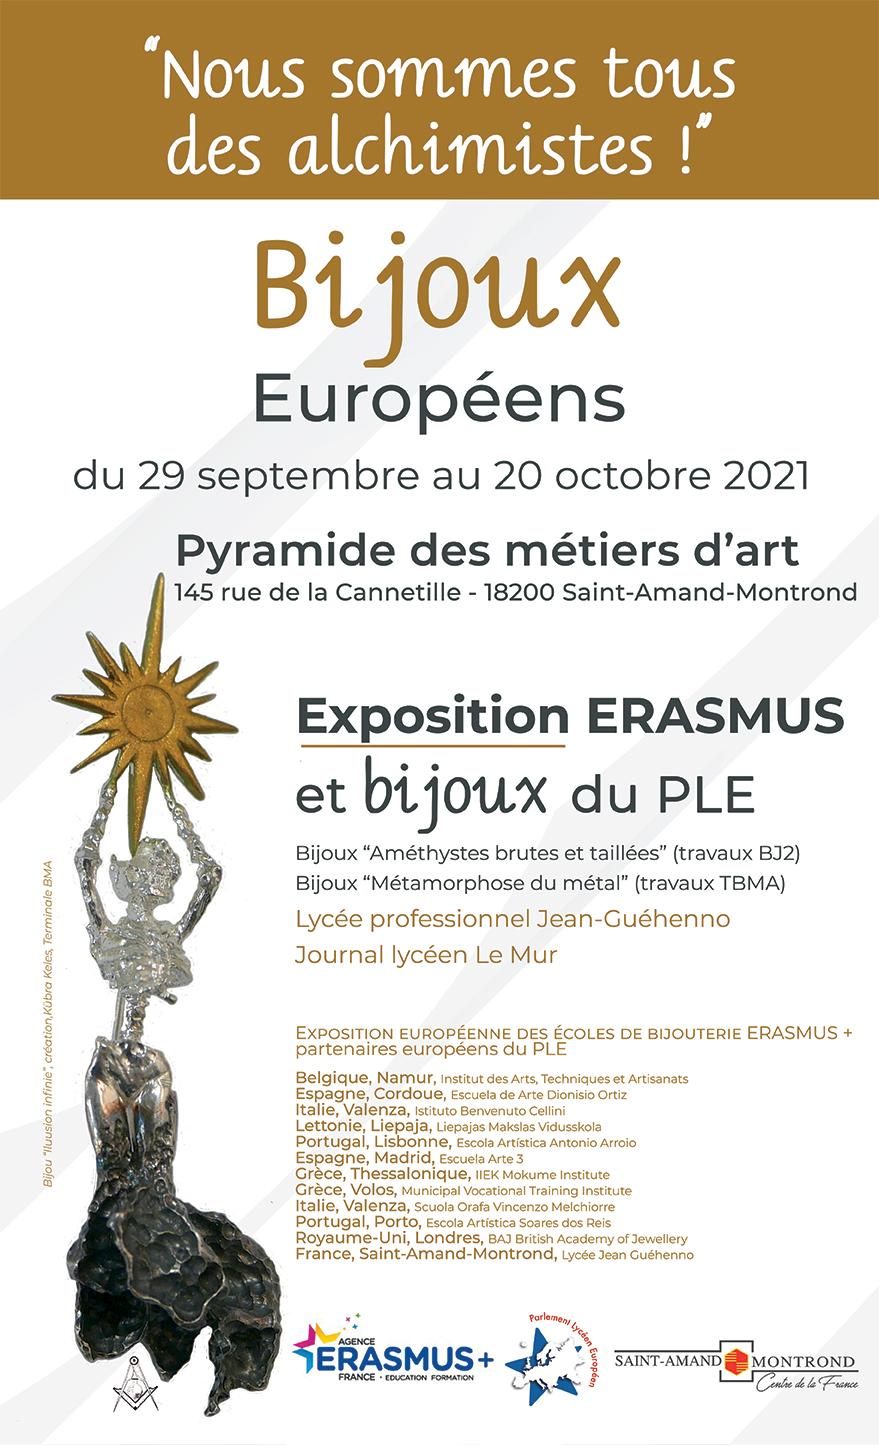 bijoux-europeens-web.jpg